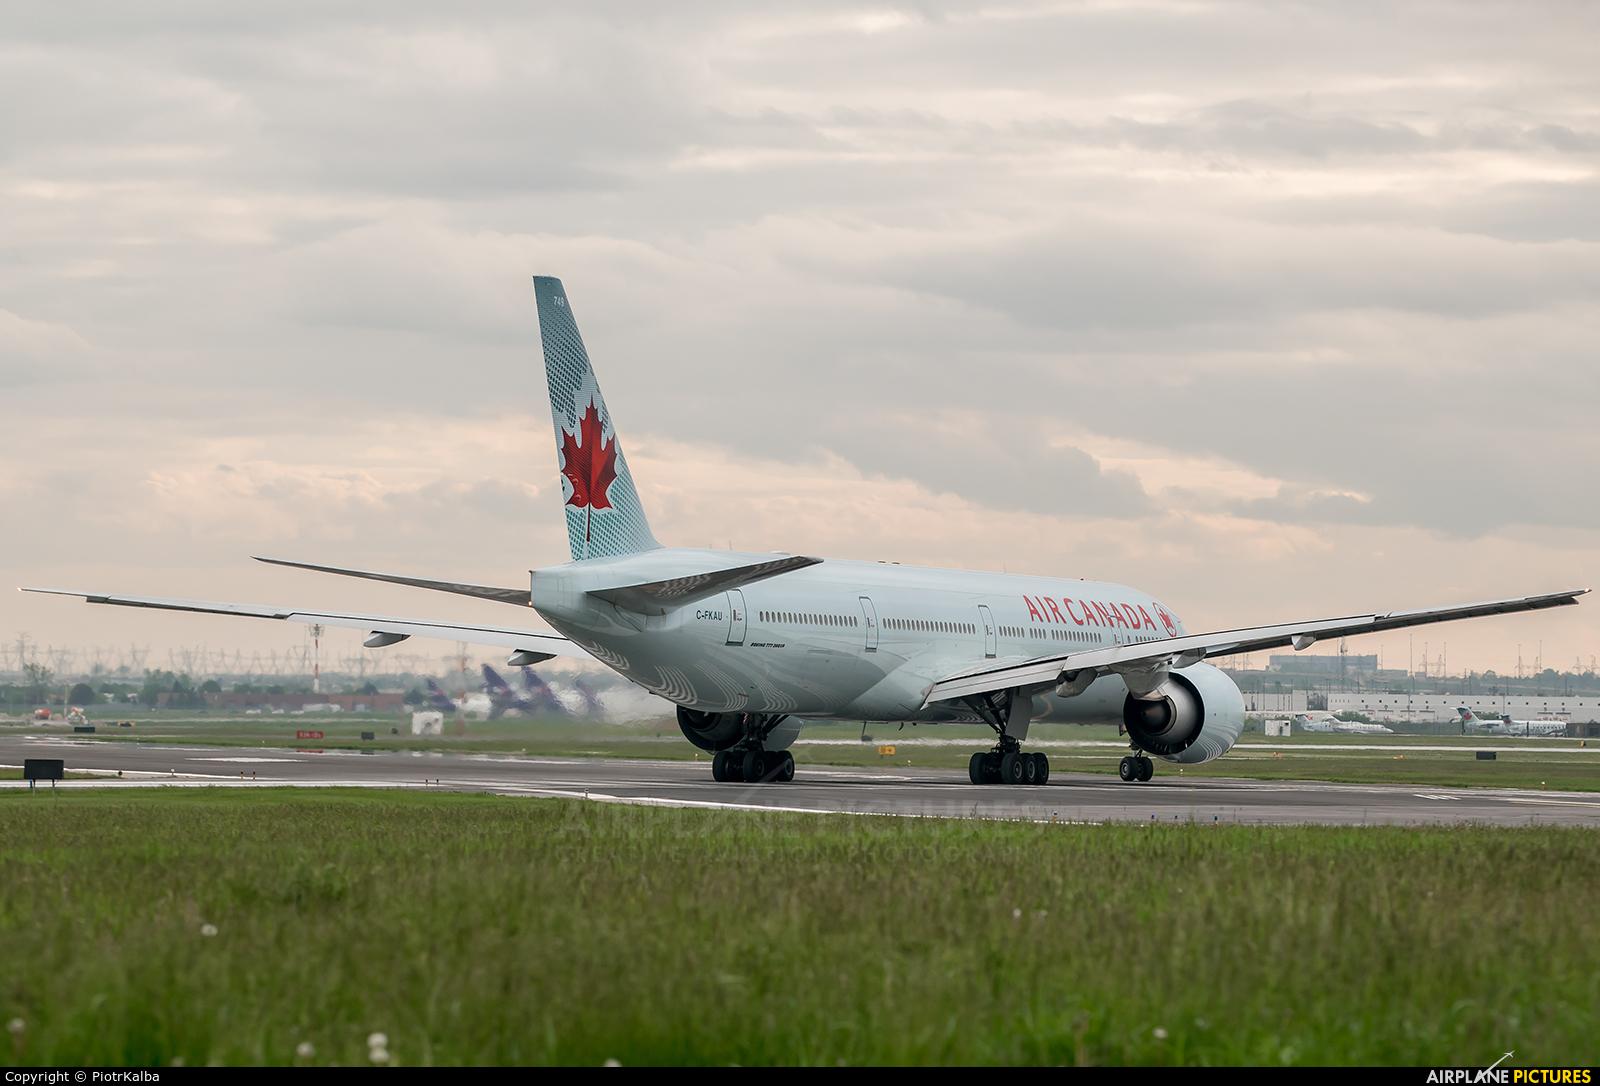 Air Canada C-FKAU aircraft at Toronto - Pearson Intl, ON